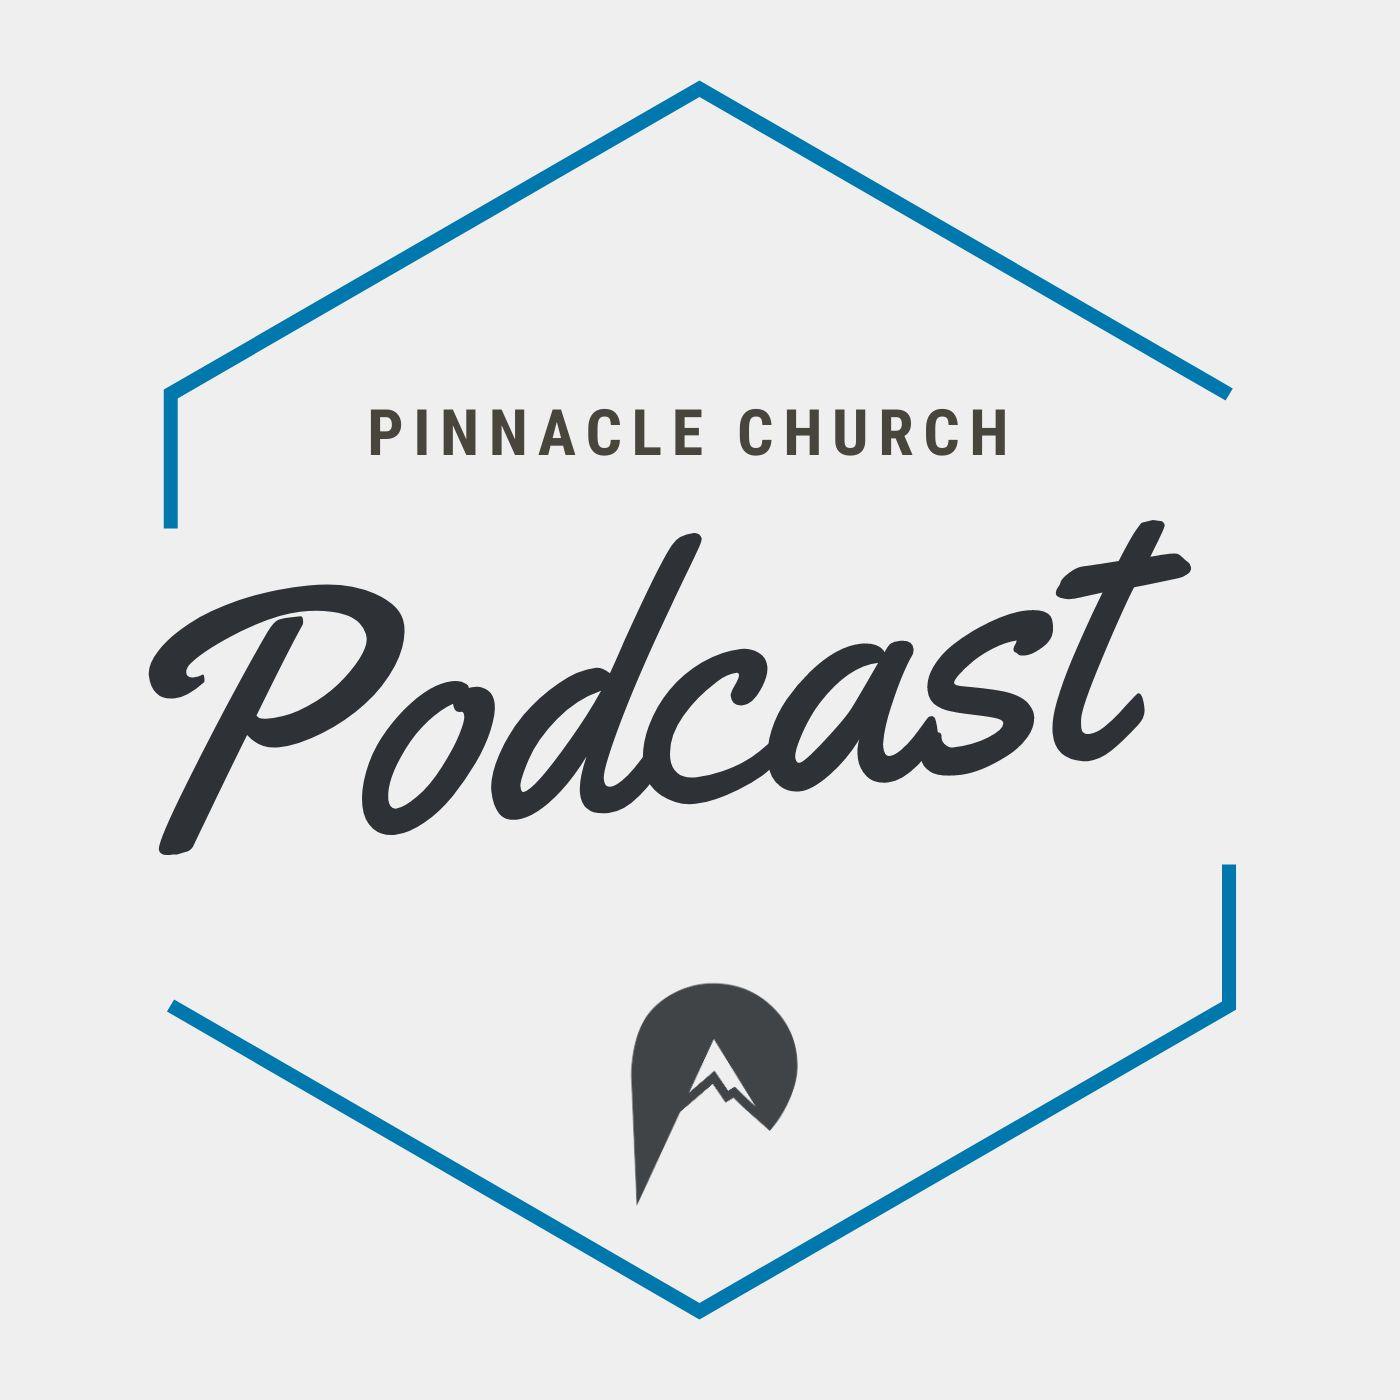 Pinnacle Church Podcast